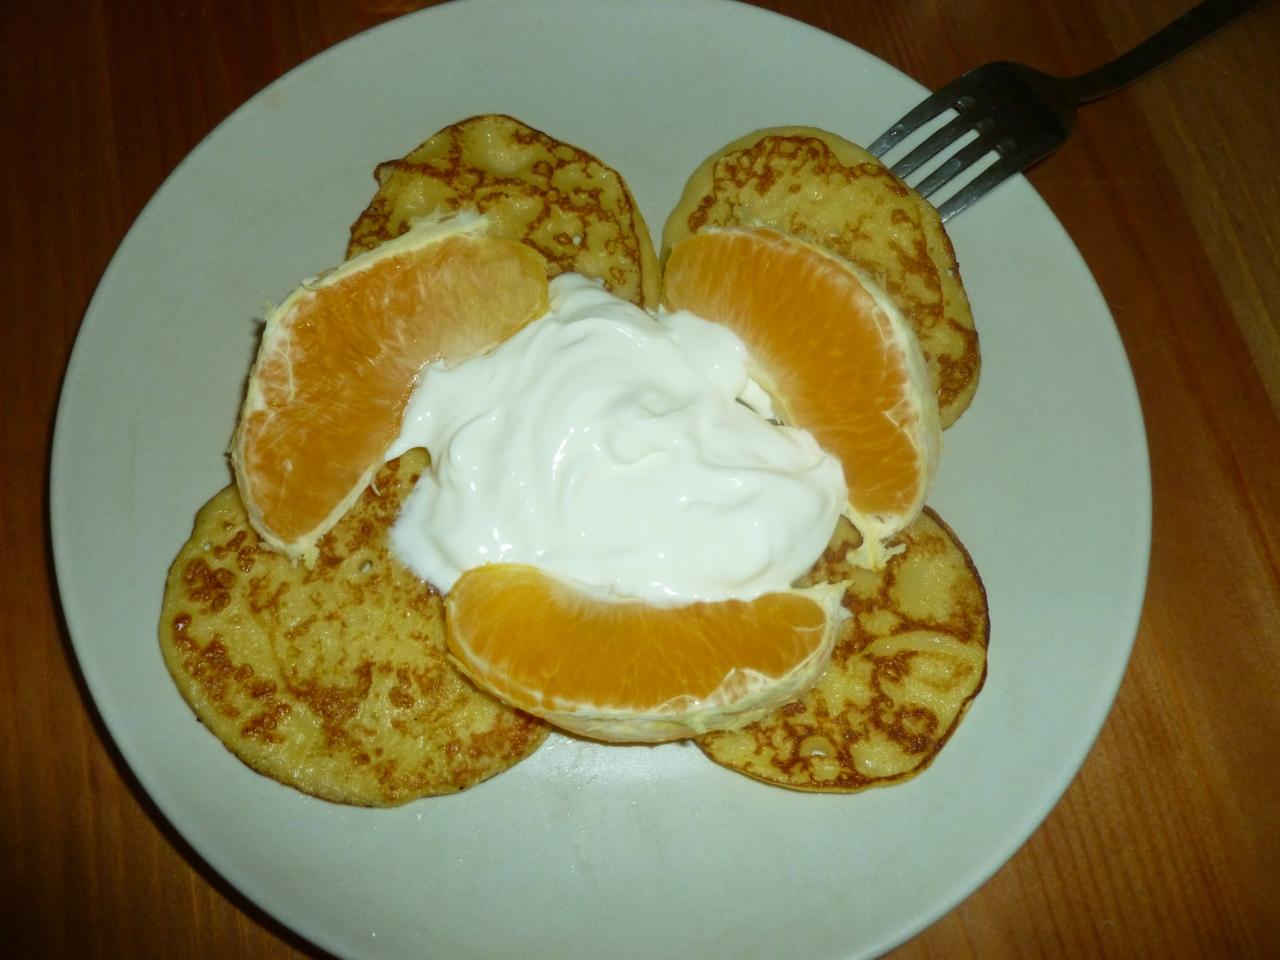 Maroosya pancakes from Pumpkin